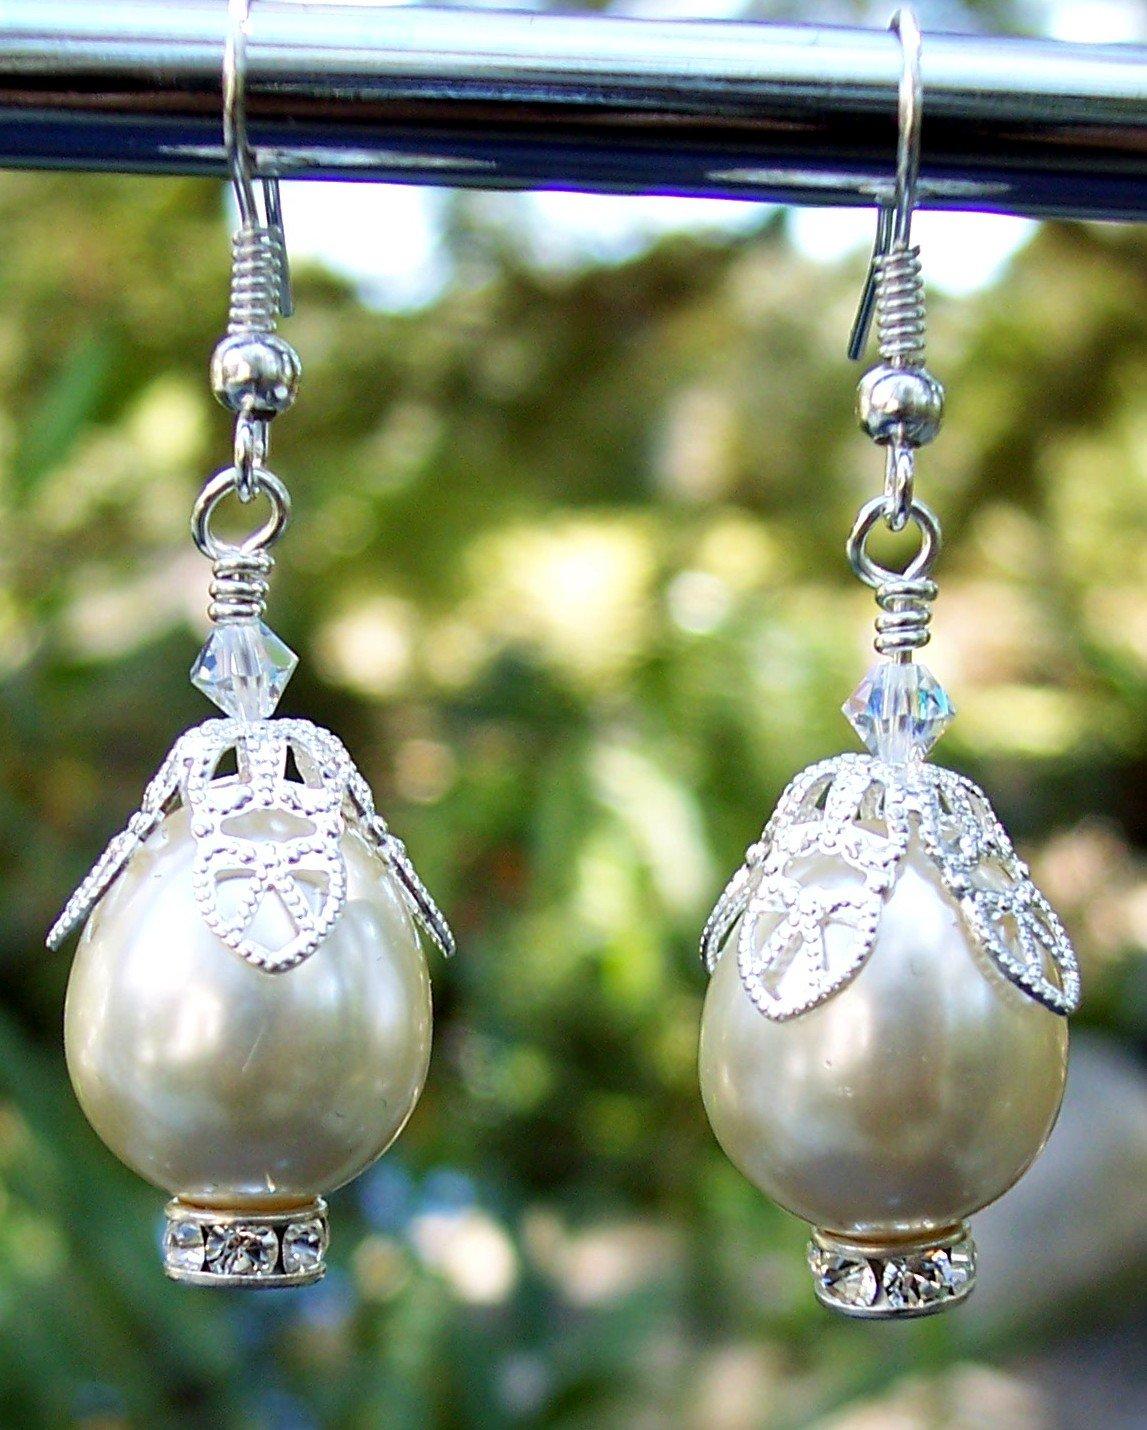 Swarovski Crystal & Pearl Earrings Handmade